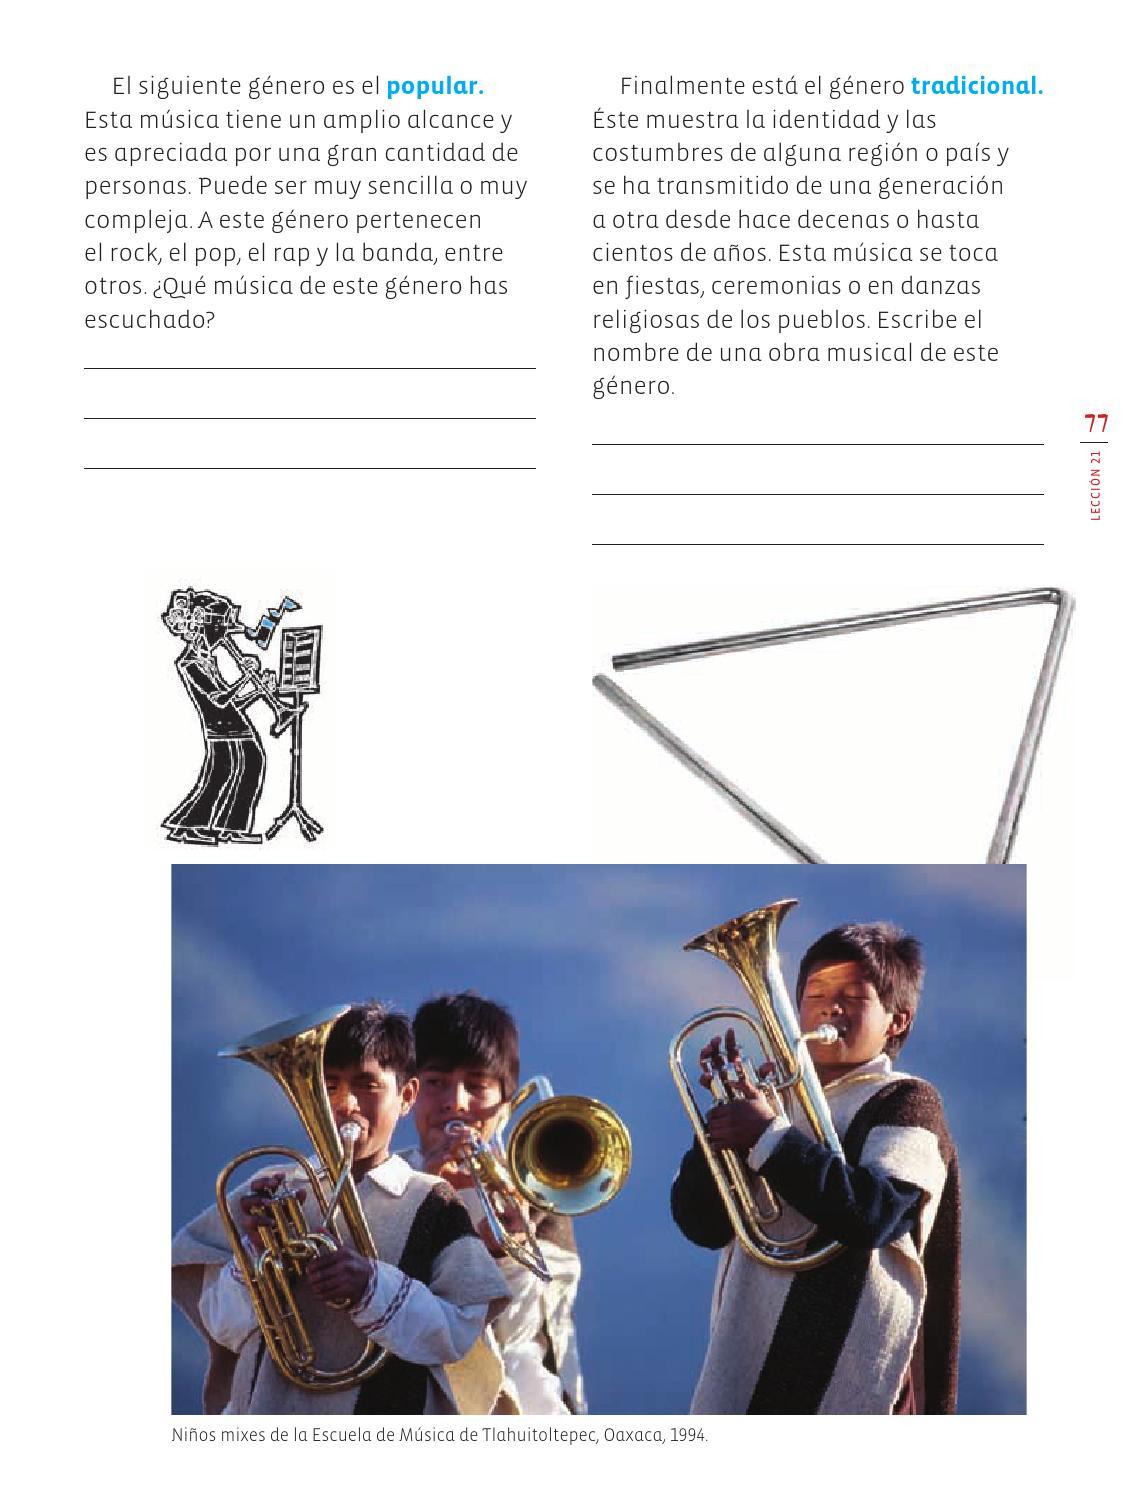 Tu música, mi música, nuestra música - Eduación Artística 3ro Bloque 5 2014-2015